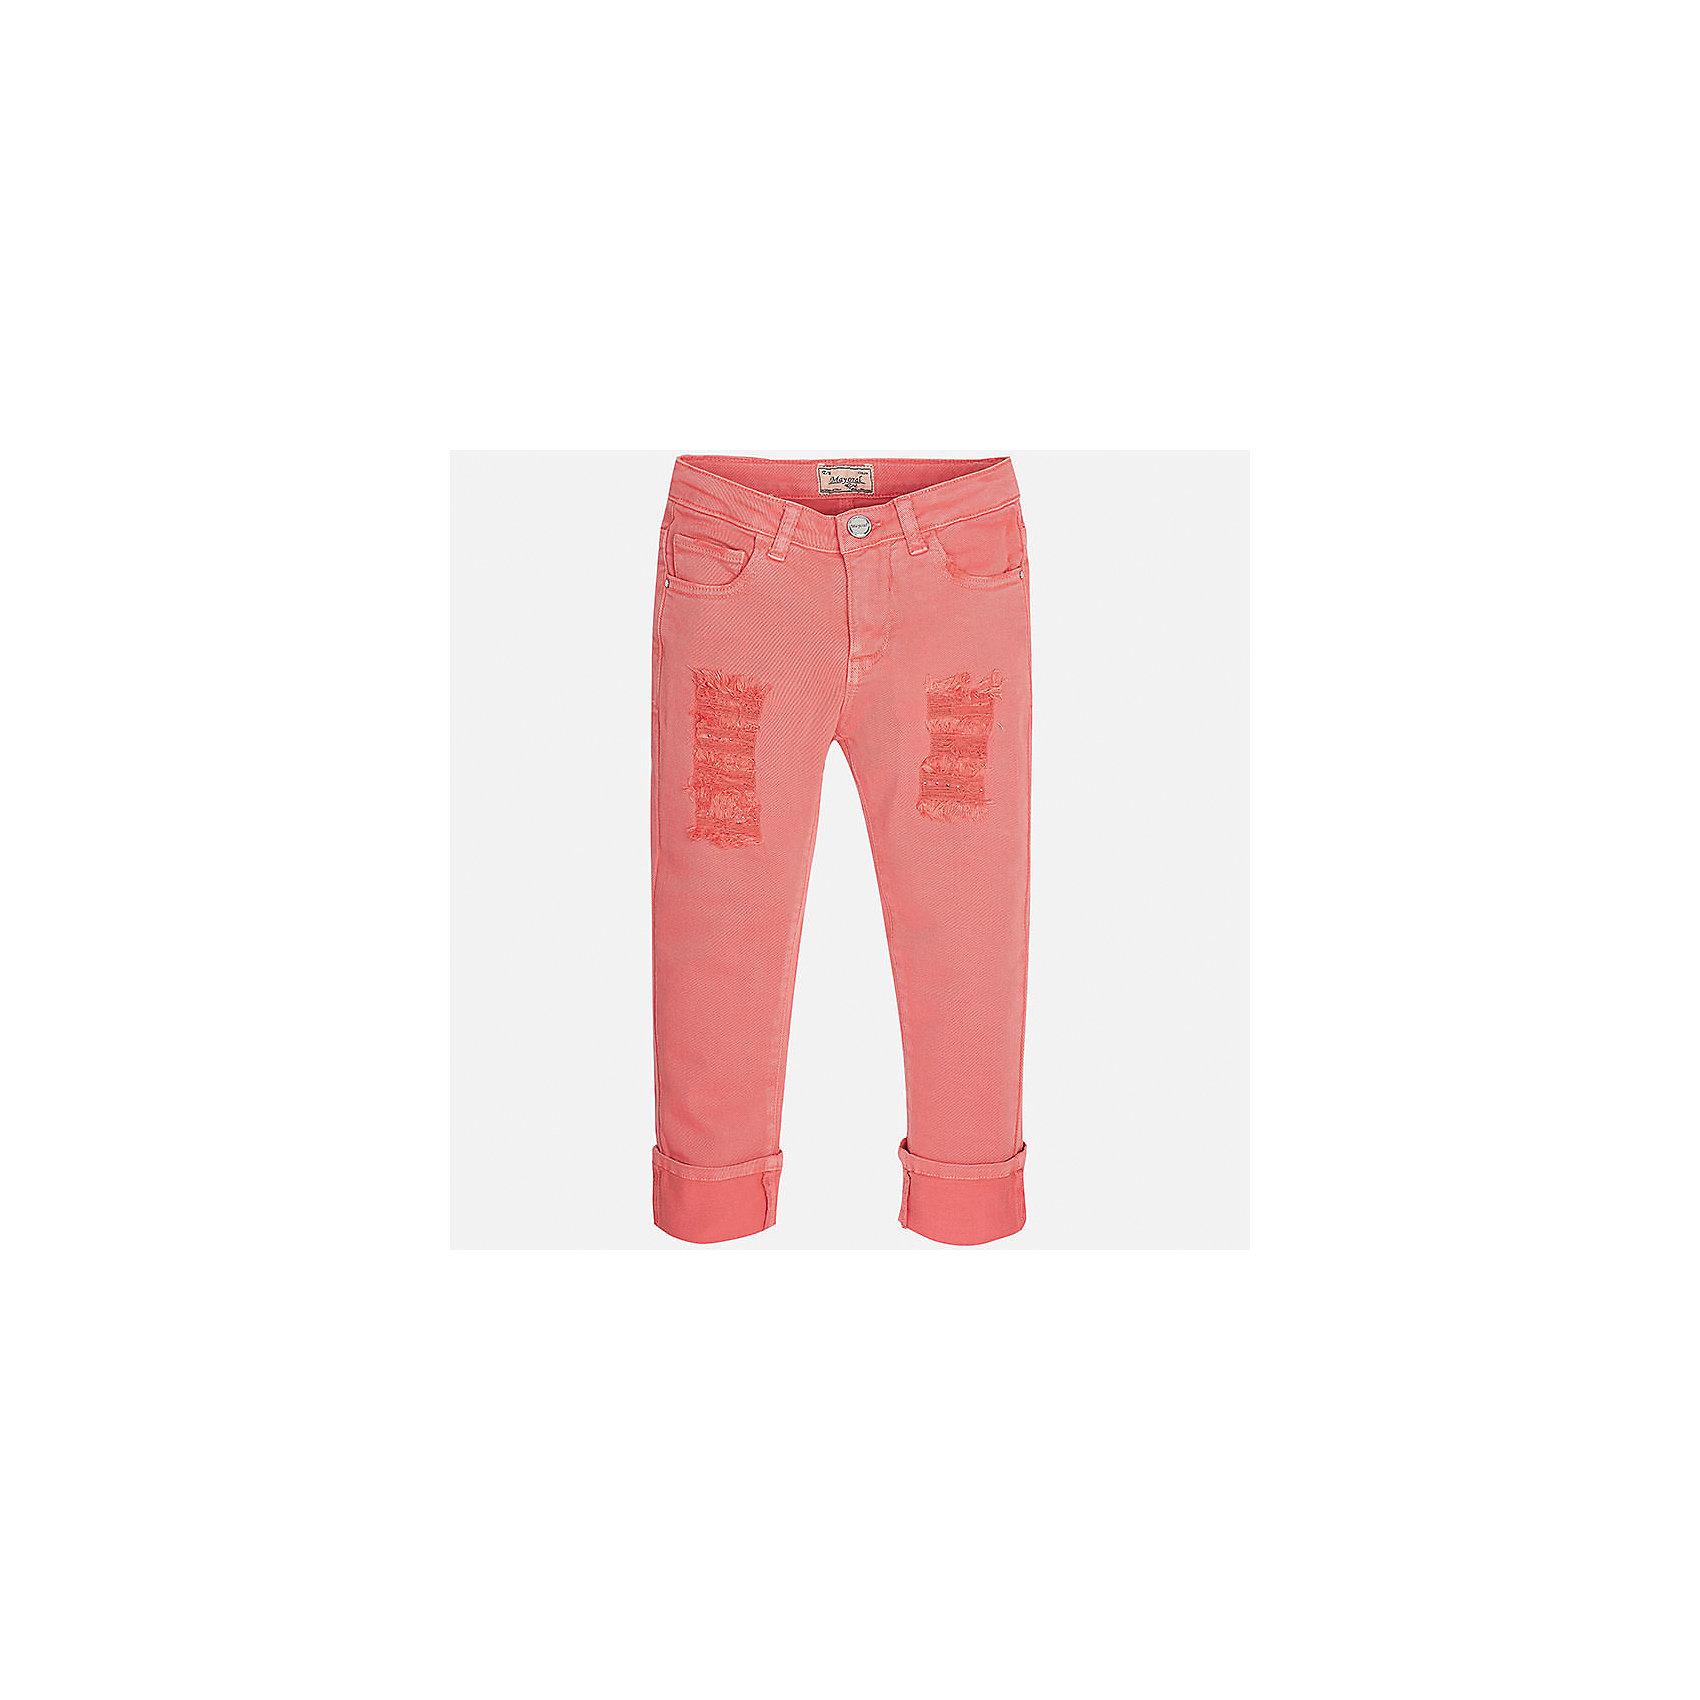 Брюки для девочки MayoralБрюки<br>Характеристики товара:<br><br>• цвет: розовый<br>• состав: 98% хлопок, 2% эластан<br>• эффект потертости<br>• карманы<br>• пояс с регулировкой объема<br>• шлевки<br>• страна бренда: Испания<br><br>Стильные брюки для девочки смогут разнообразить гардероб ребенка и украсить наряд. Они отлично сочетаются с майками, футболками, блузками. Красивый оттенок позволяет подобрать к вещи верх разных расцветок. Интересный крой модели делает её нарядной и оригинальной. В составе материала - натуральный хлопок, гипоаллергенный, приятный на ощупь, дышащий.<br><br>Одежда, обувь и аксессуары от испанского бренда Mayoral полюбились детям и взрослым по всему миру. Модели этой марки - стильные и удобные. Для их производства используются только безопасные, качественные материалы и фурнитура. Порадуйте ребенка модными и красивыми вещами от Mayoral! <br><br>Брюки для девочки от испанского бренда Mayoral (Майорал) можно купить в нашем интернет-магазине.<br><br>Ширина мм: 215<br>Глубина мм: 88<br>Высота мм: 191<br>Вес г: 336<br>Цвет: розовый<br>Возраст от месяцев: 84<br>Возраст до месяцев: 96<br>Пол: Женский<br>Возраст: Детский<br>Размер: 128/134,170,140,152,158,164<br>SKU: 5292966